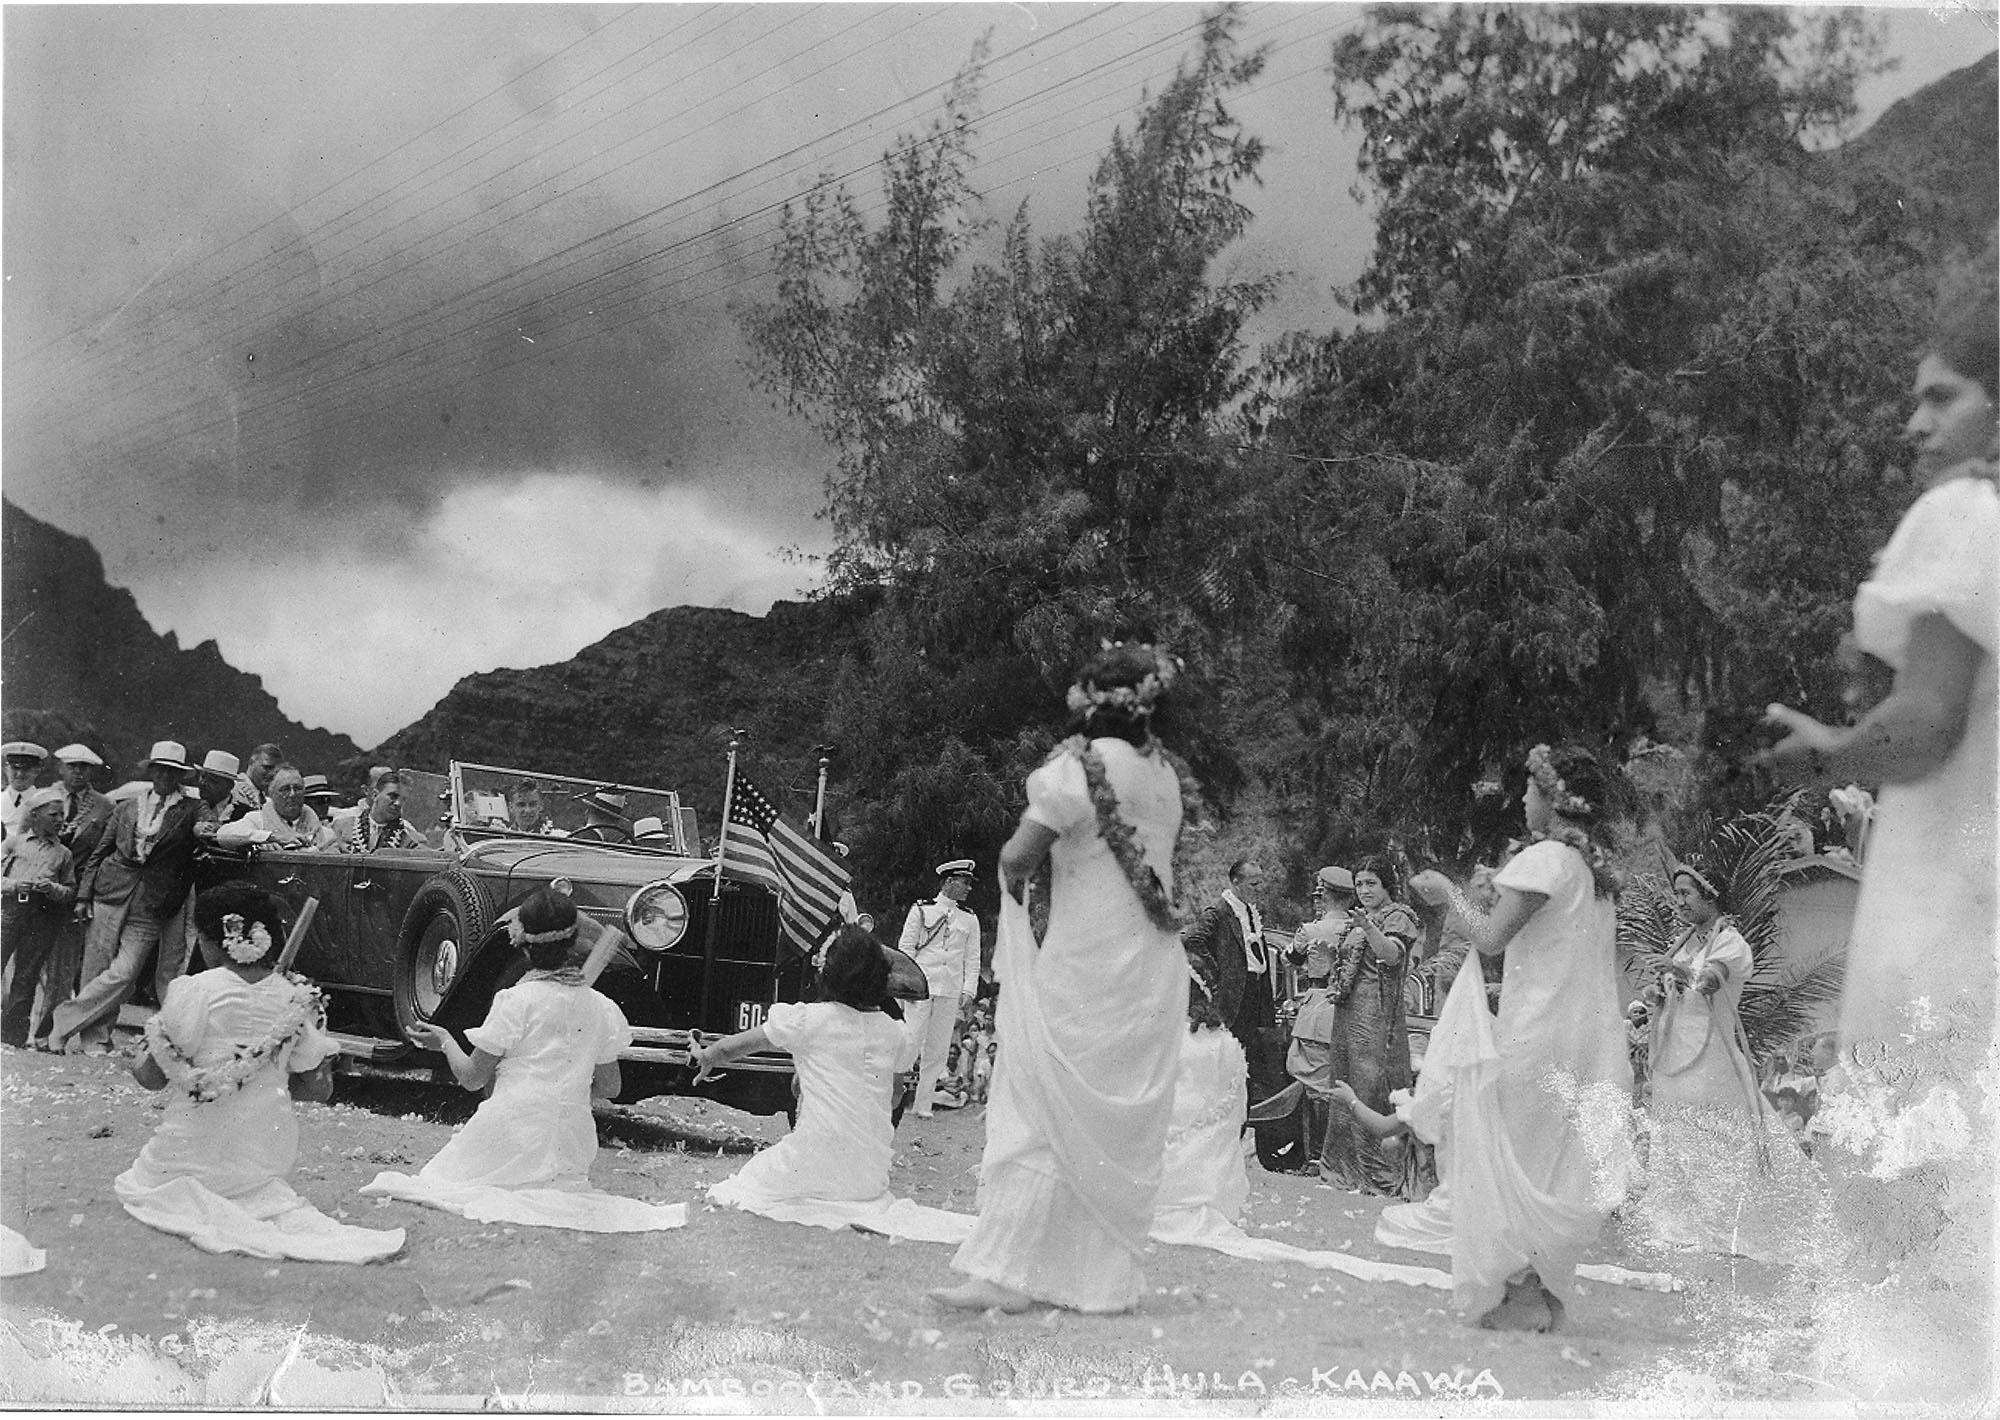 1934 Presential visit